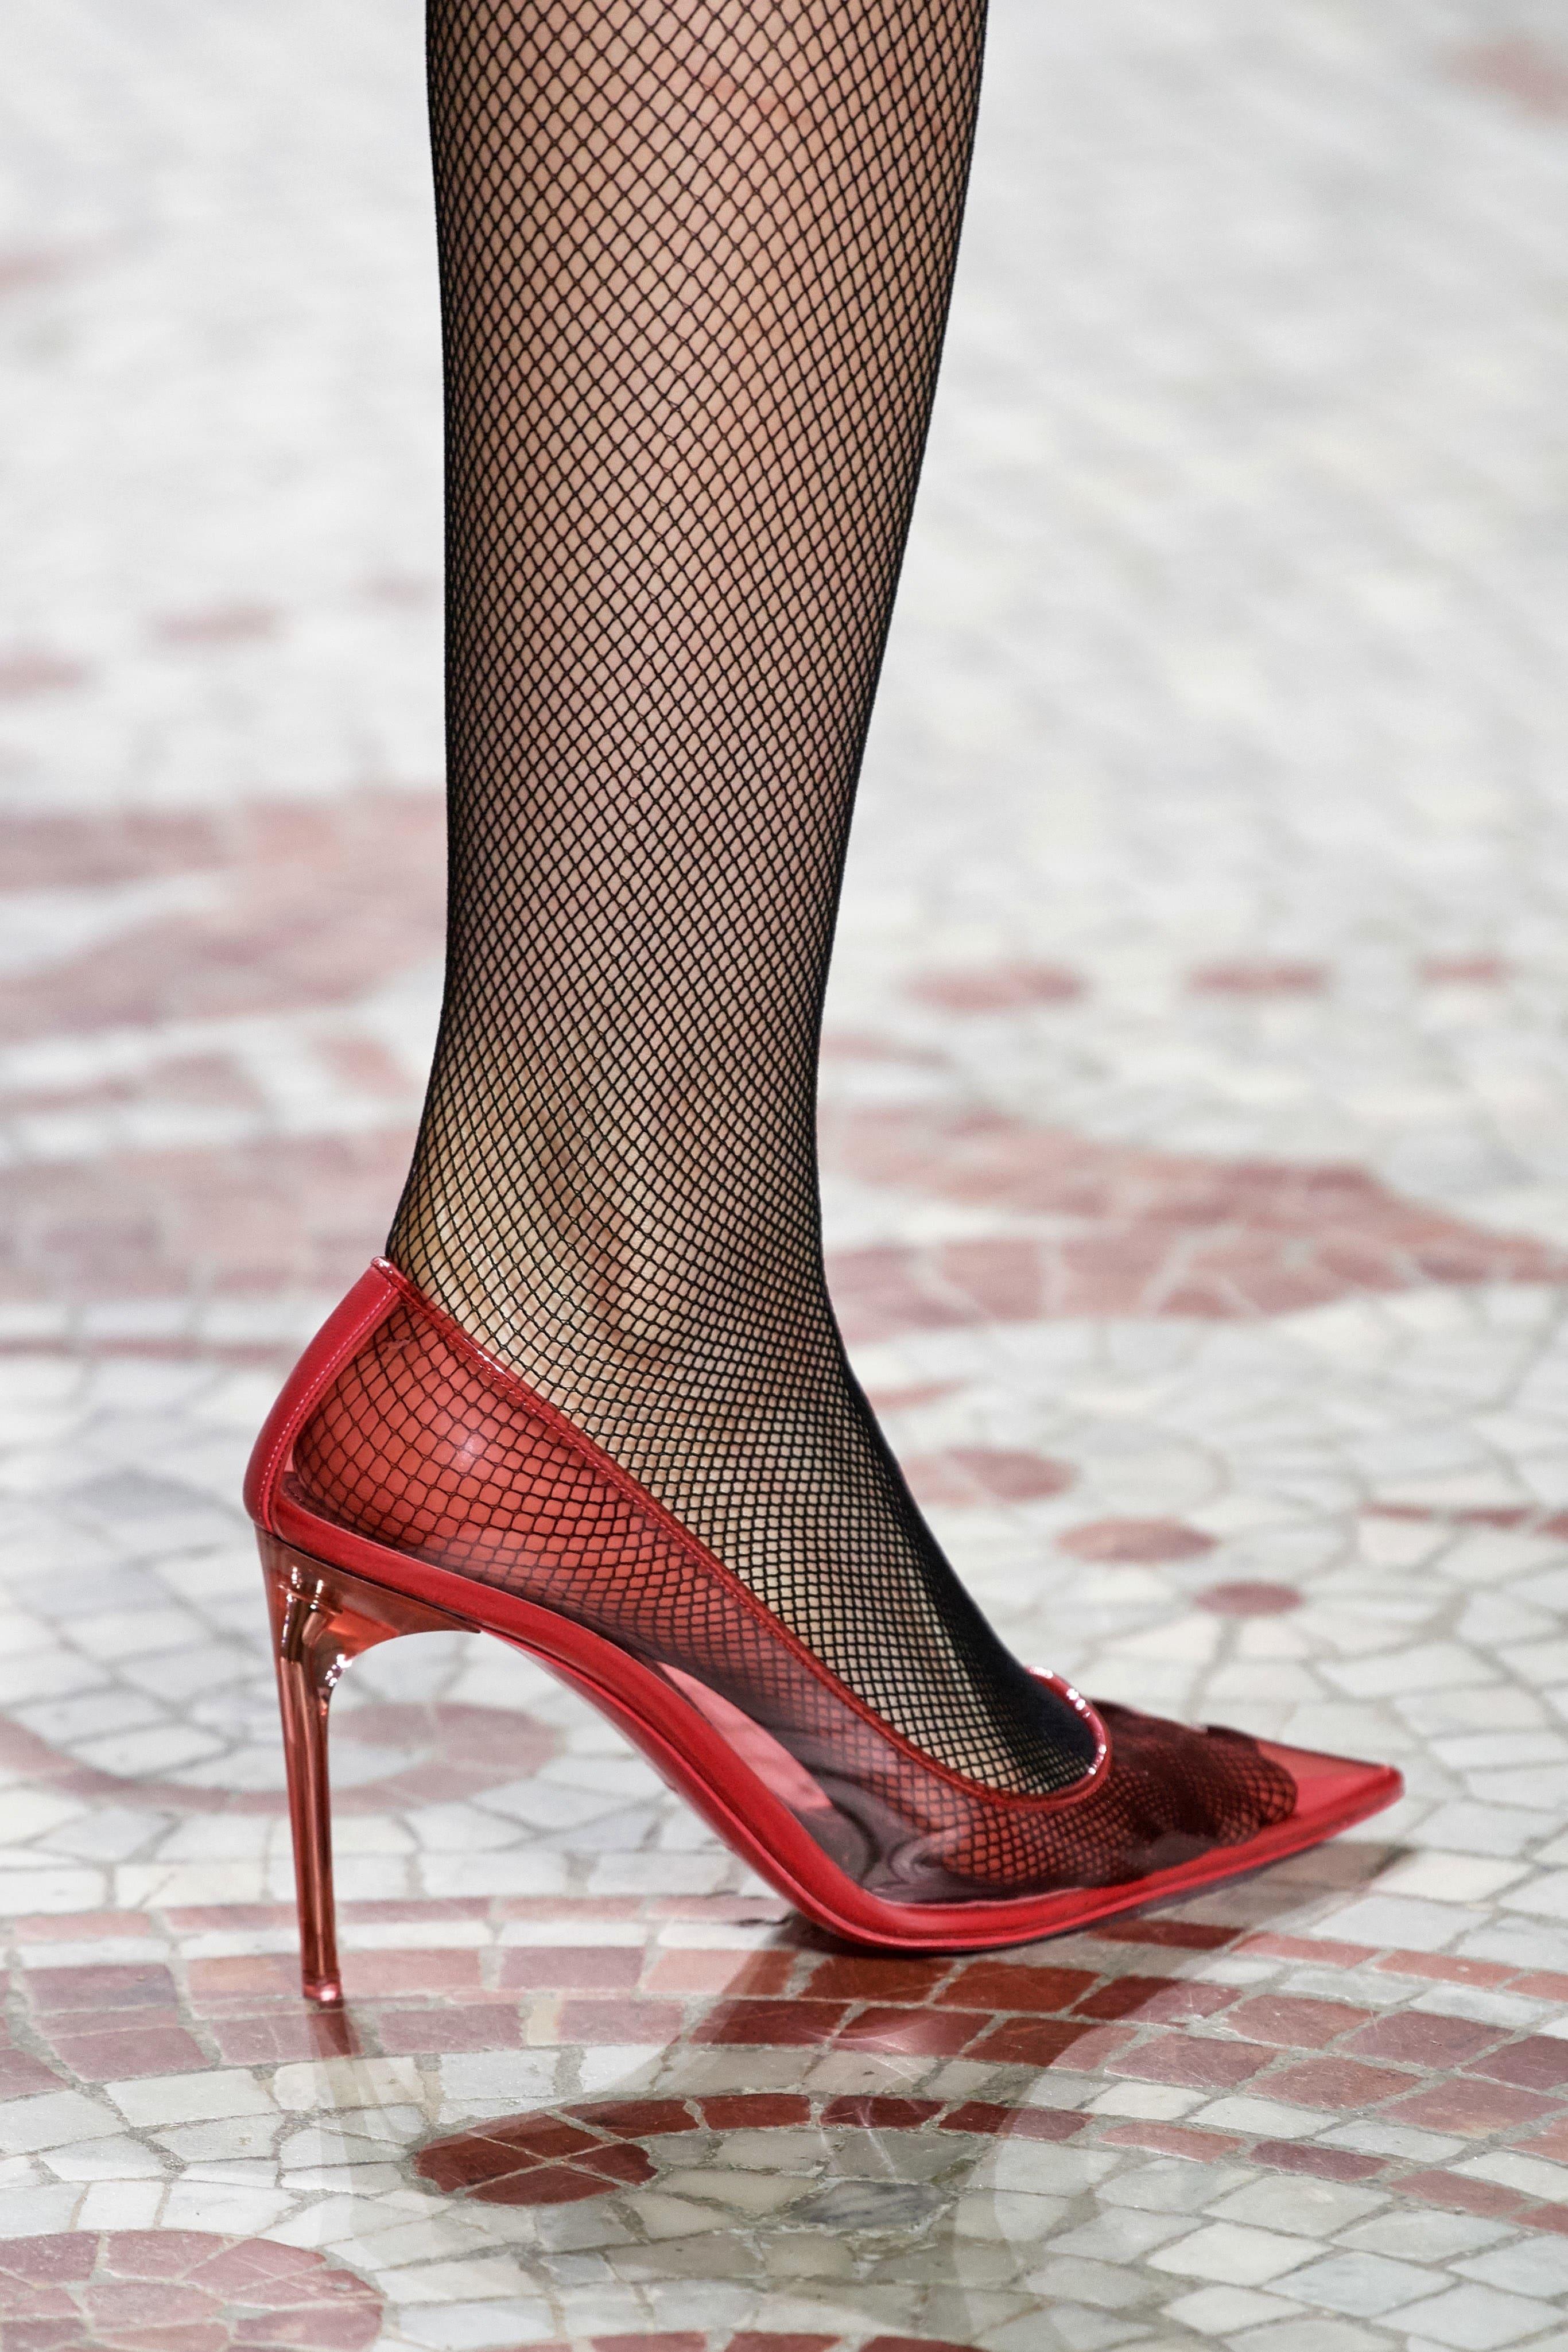 Обувь из коллекции Givenchy Fall/Winter 2019 Couture